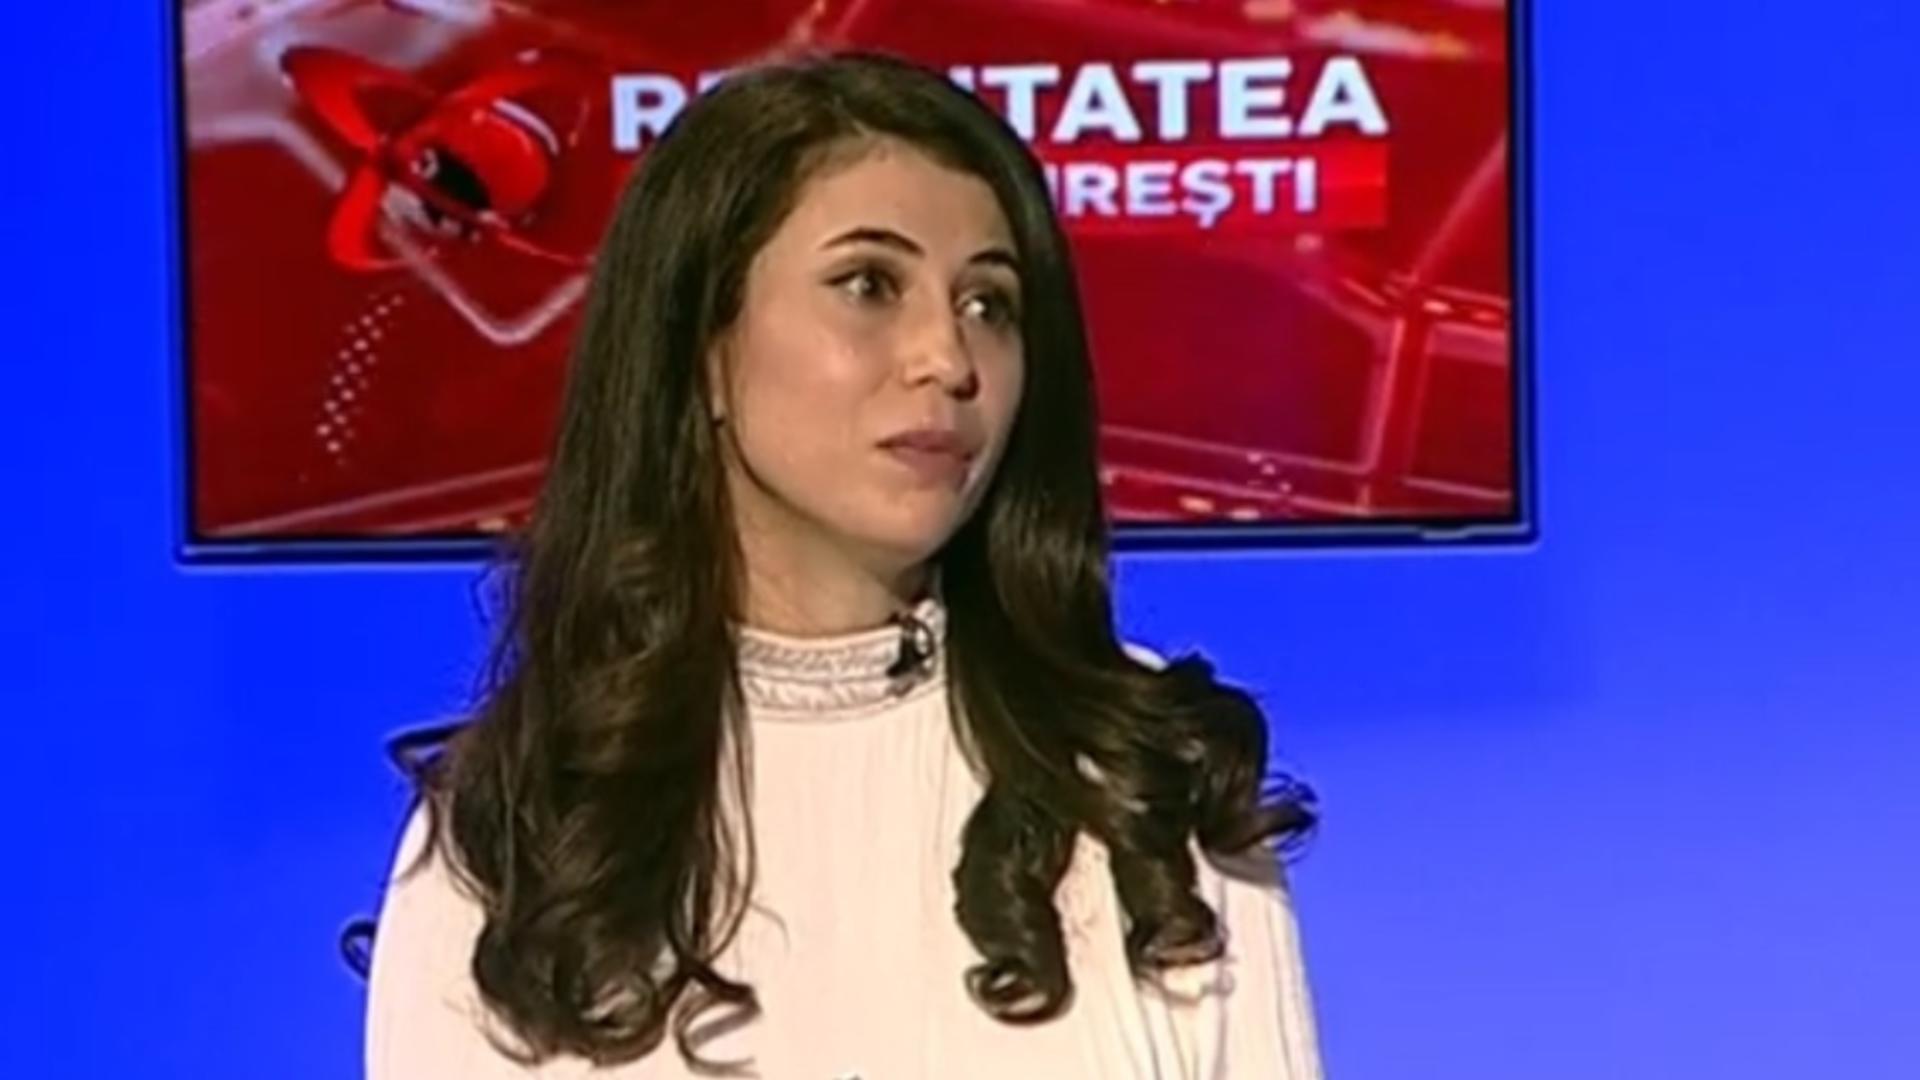 Andreea Dinca